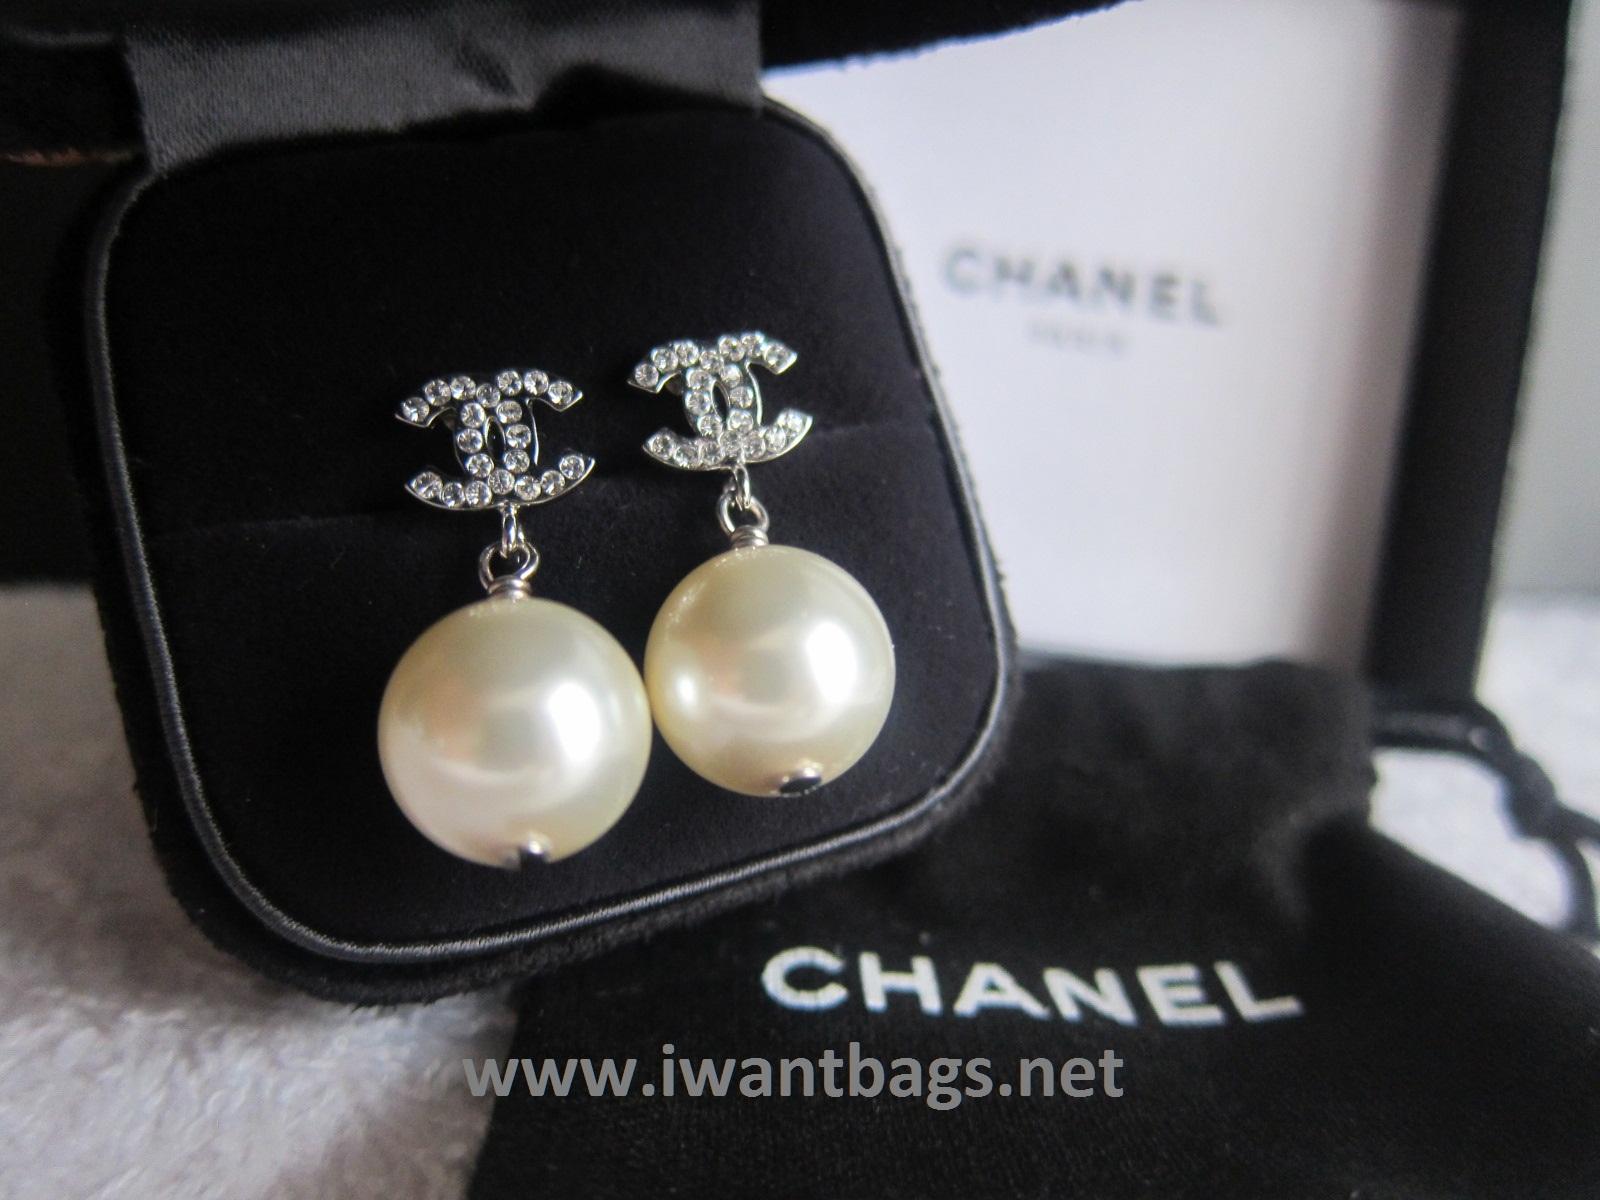 Chanel Earrings Sold